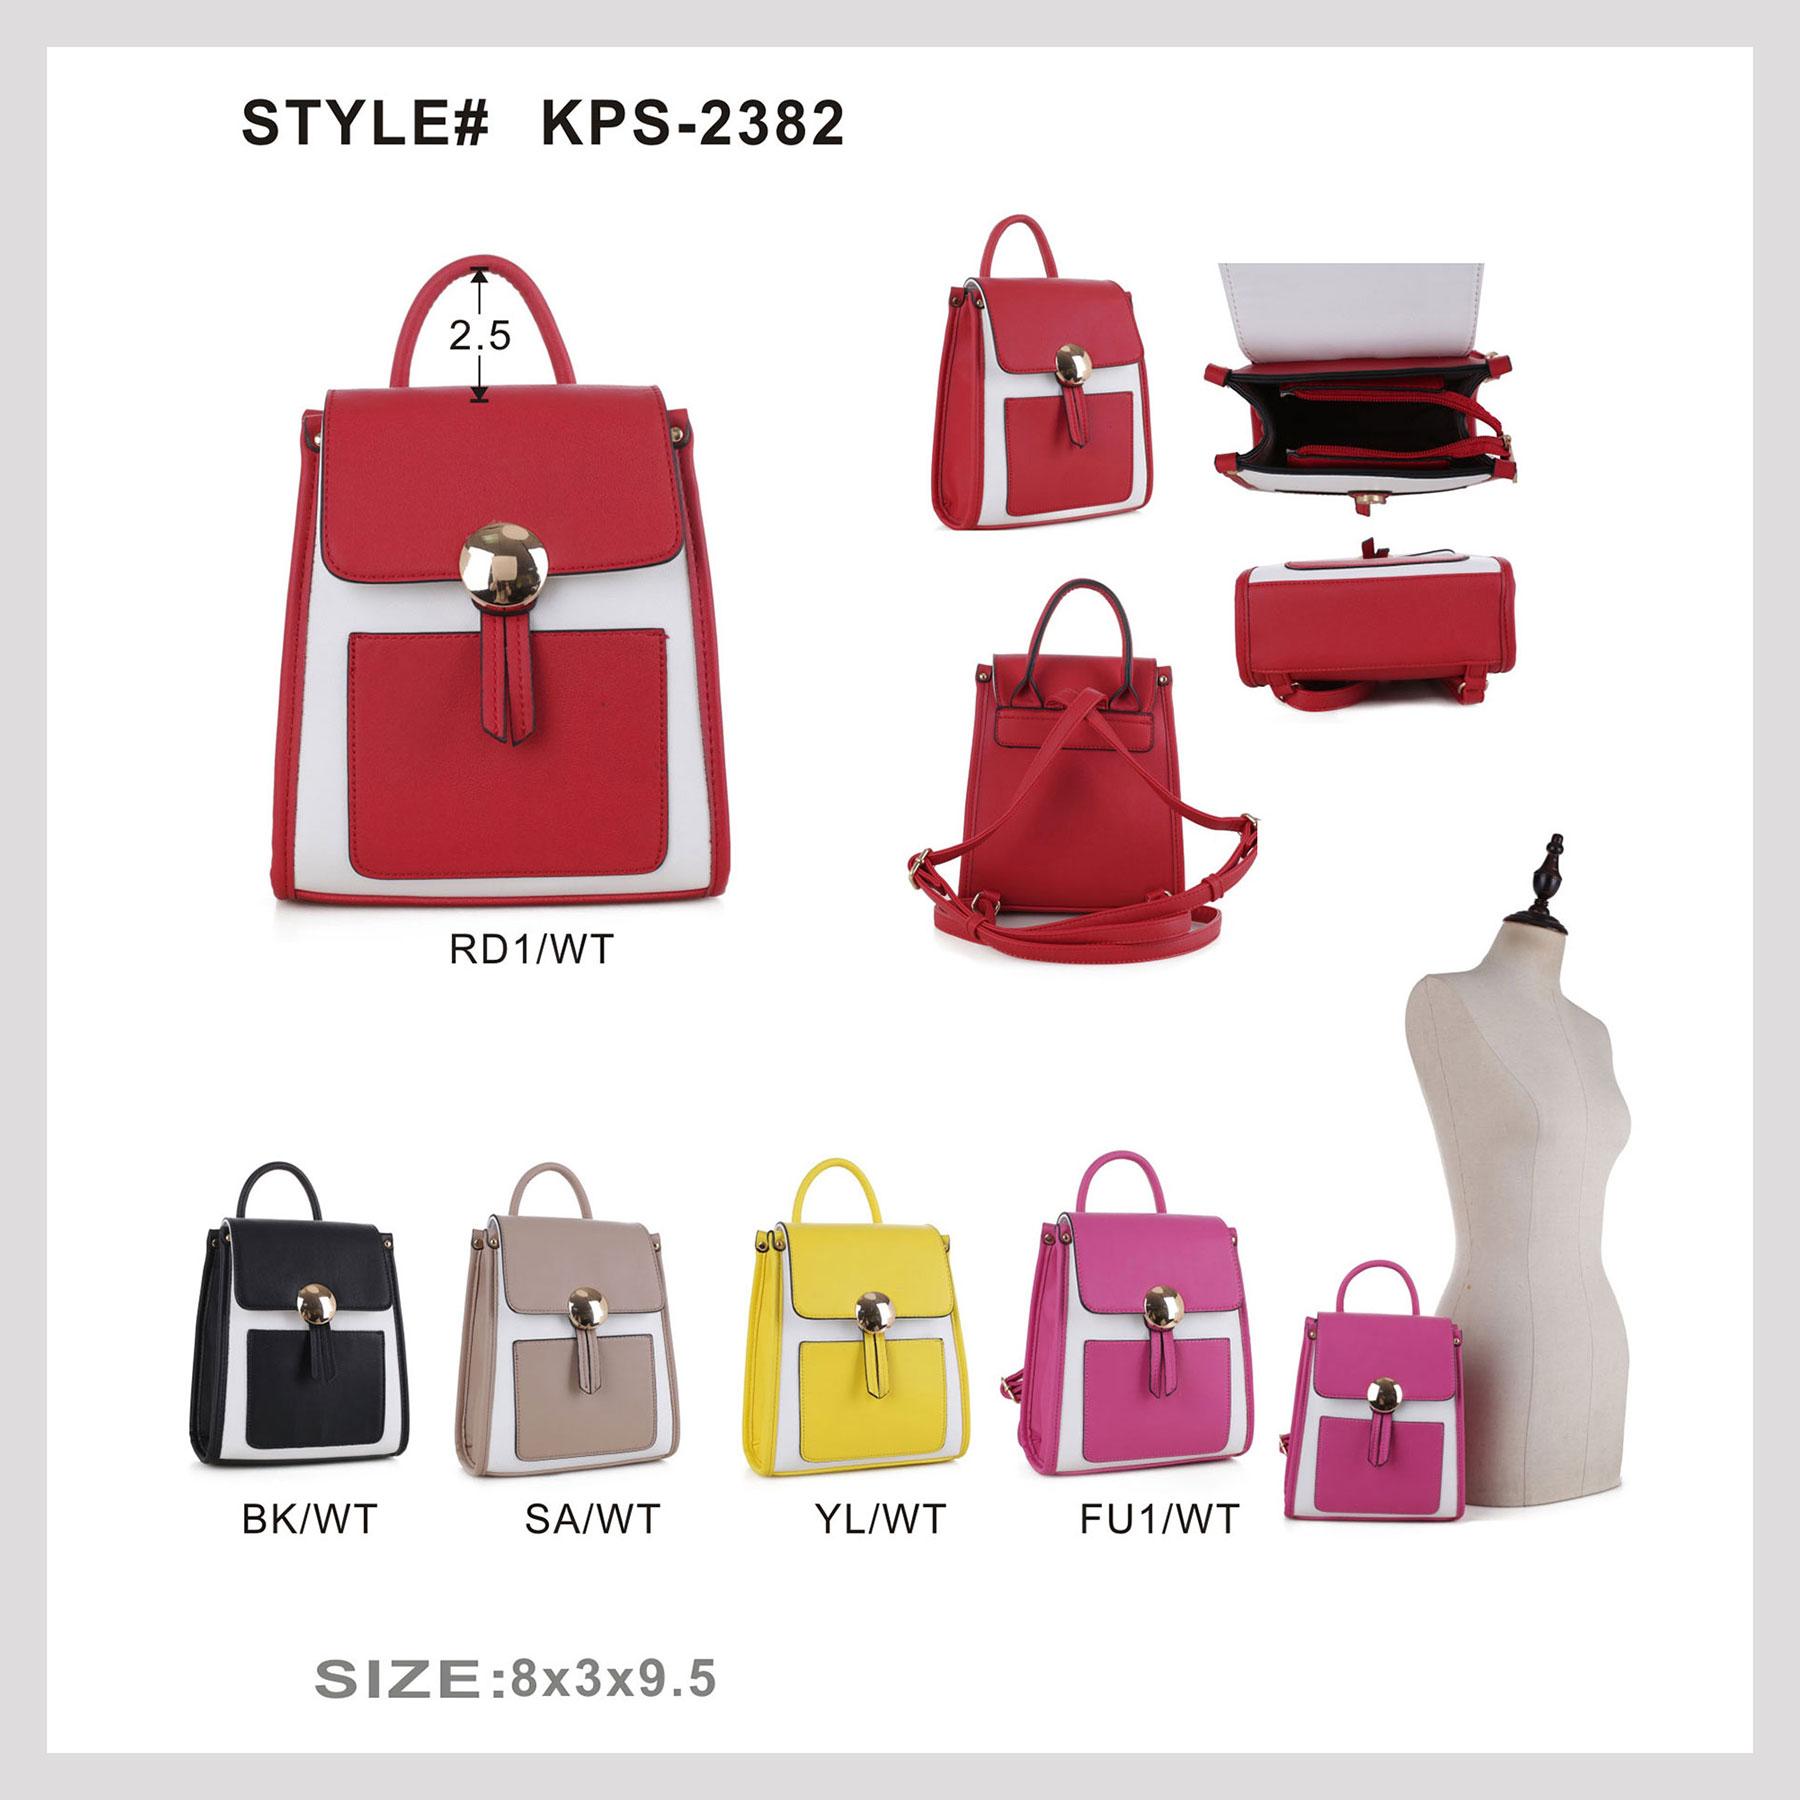 KPS-2382.jpg